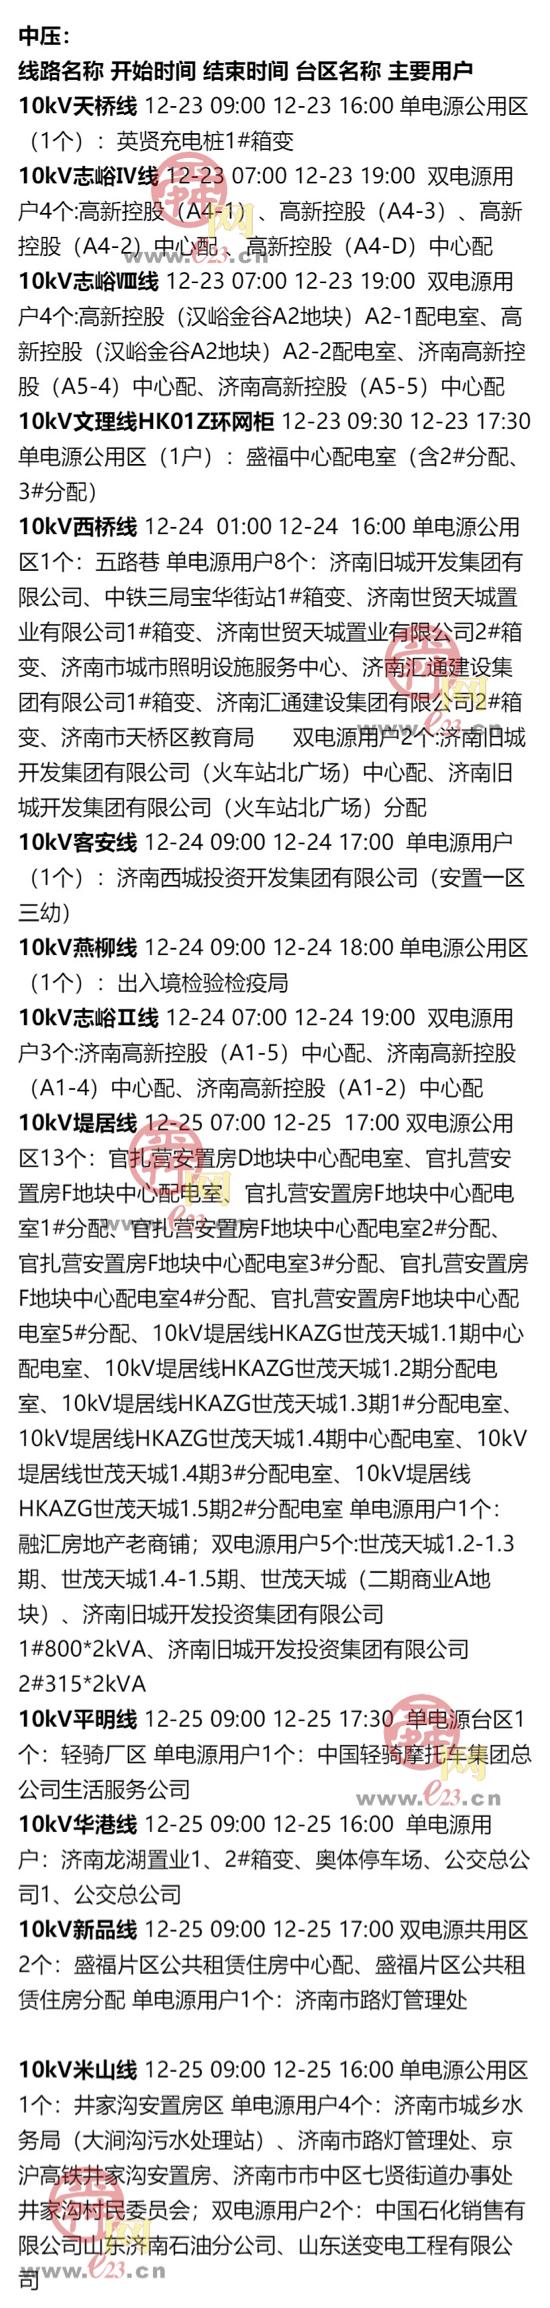 12月21日至12月27日济南部分区域电力设备检修通知